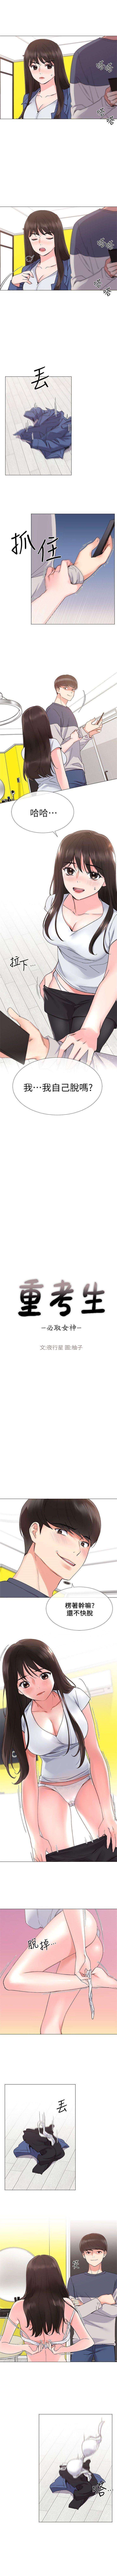 (週5)重考生 1-52 中文翻譯(更新中) 90